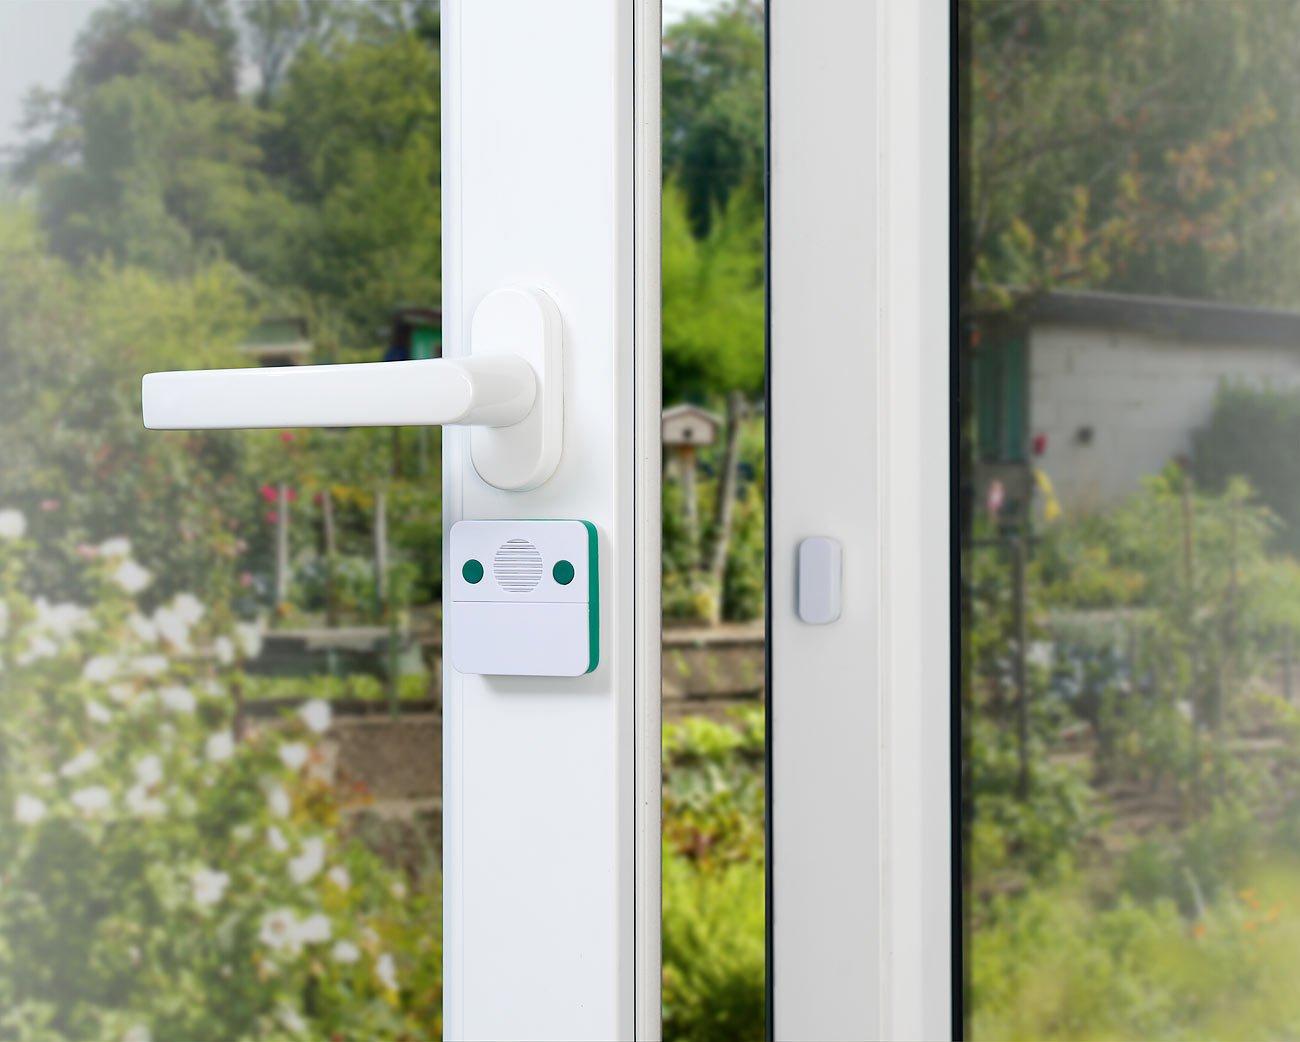 Kühlschrank Alarm Offene Tür : Visortech kühlschrank türalarm: 2er set universal türschließ